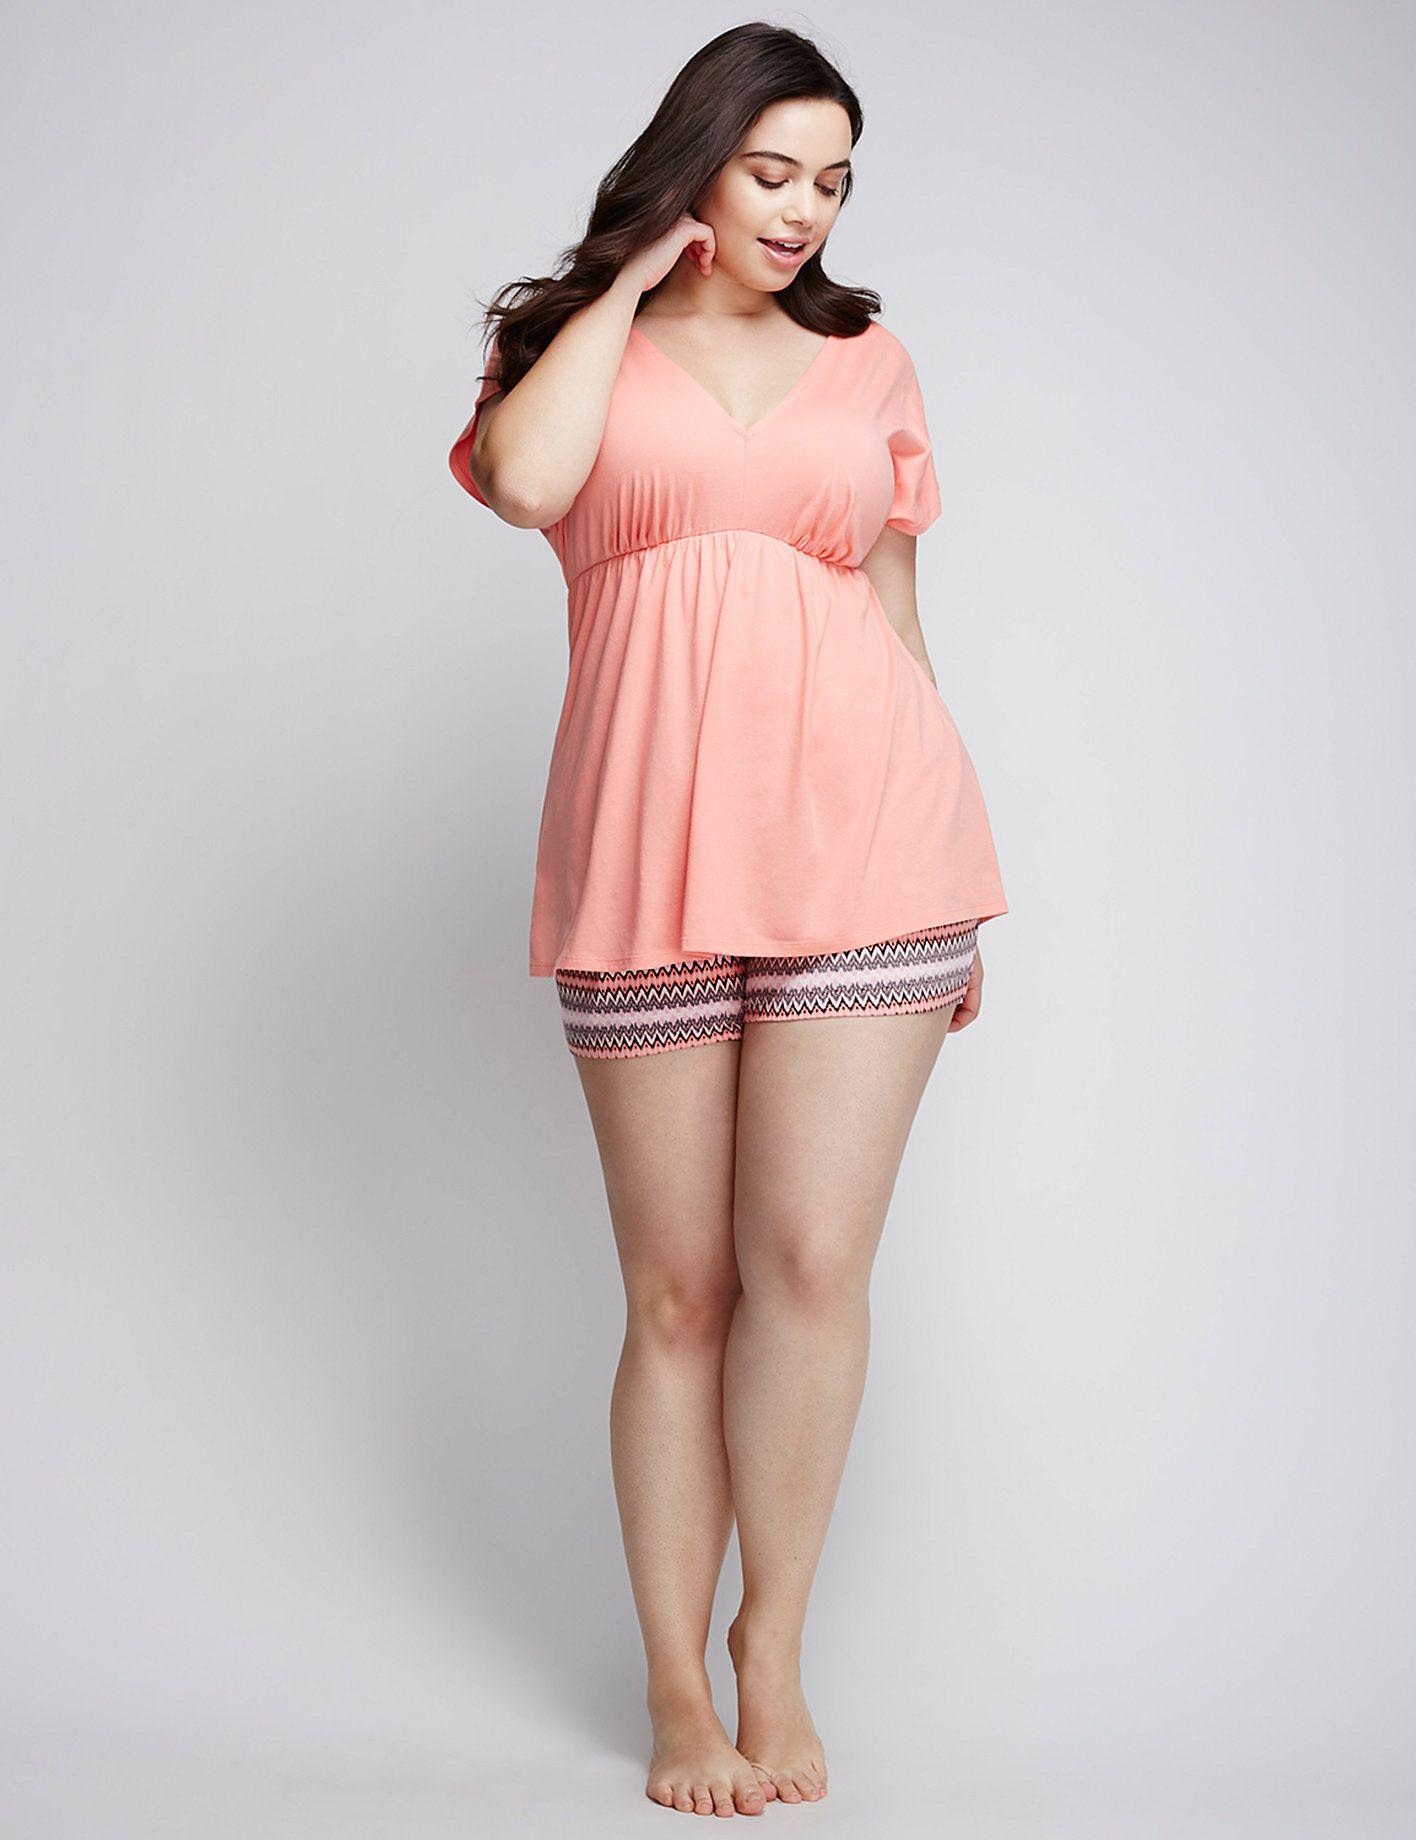 4cdb5cd0b9f Plus Size Sleepwear   Women s Loungewear